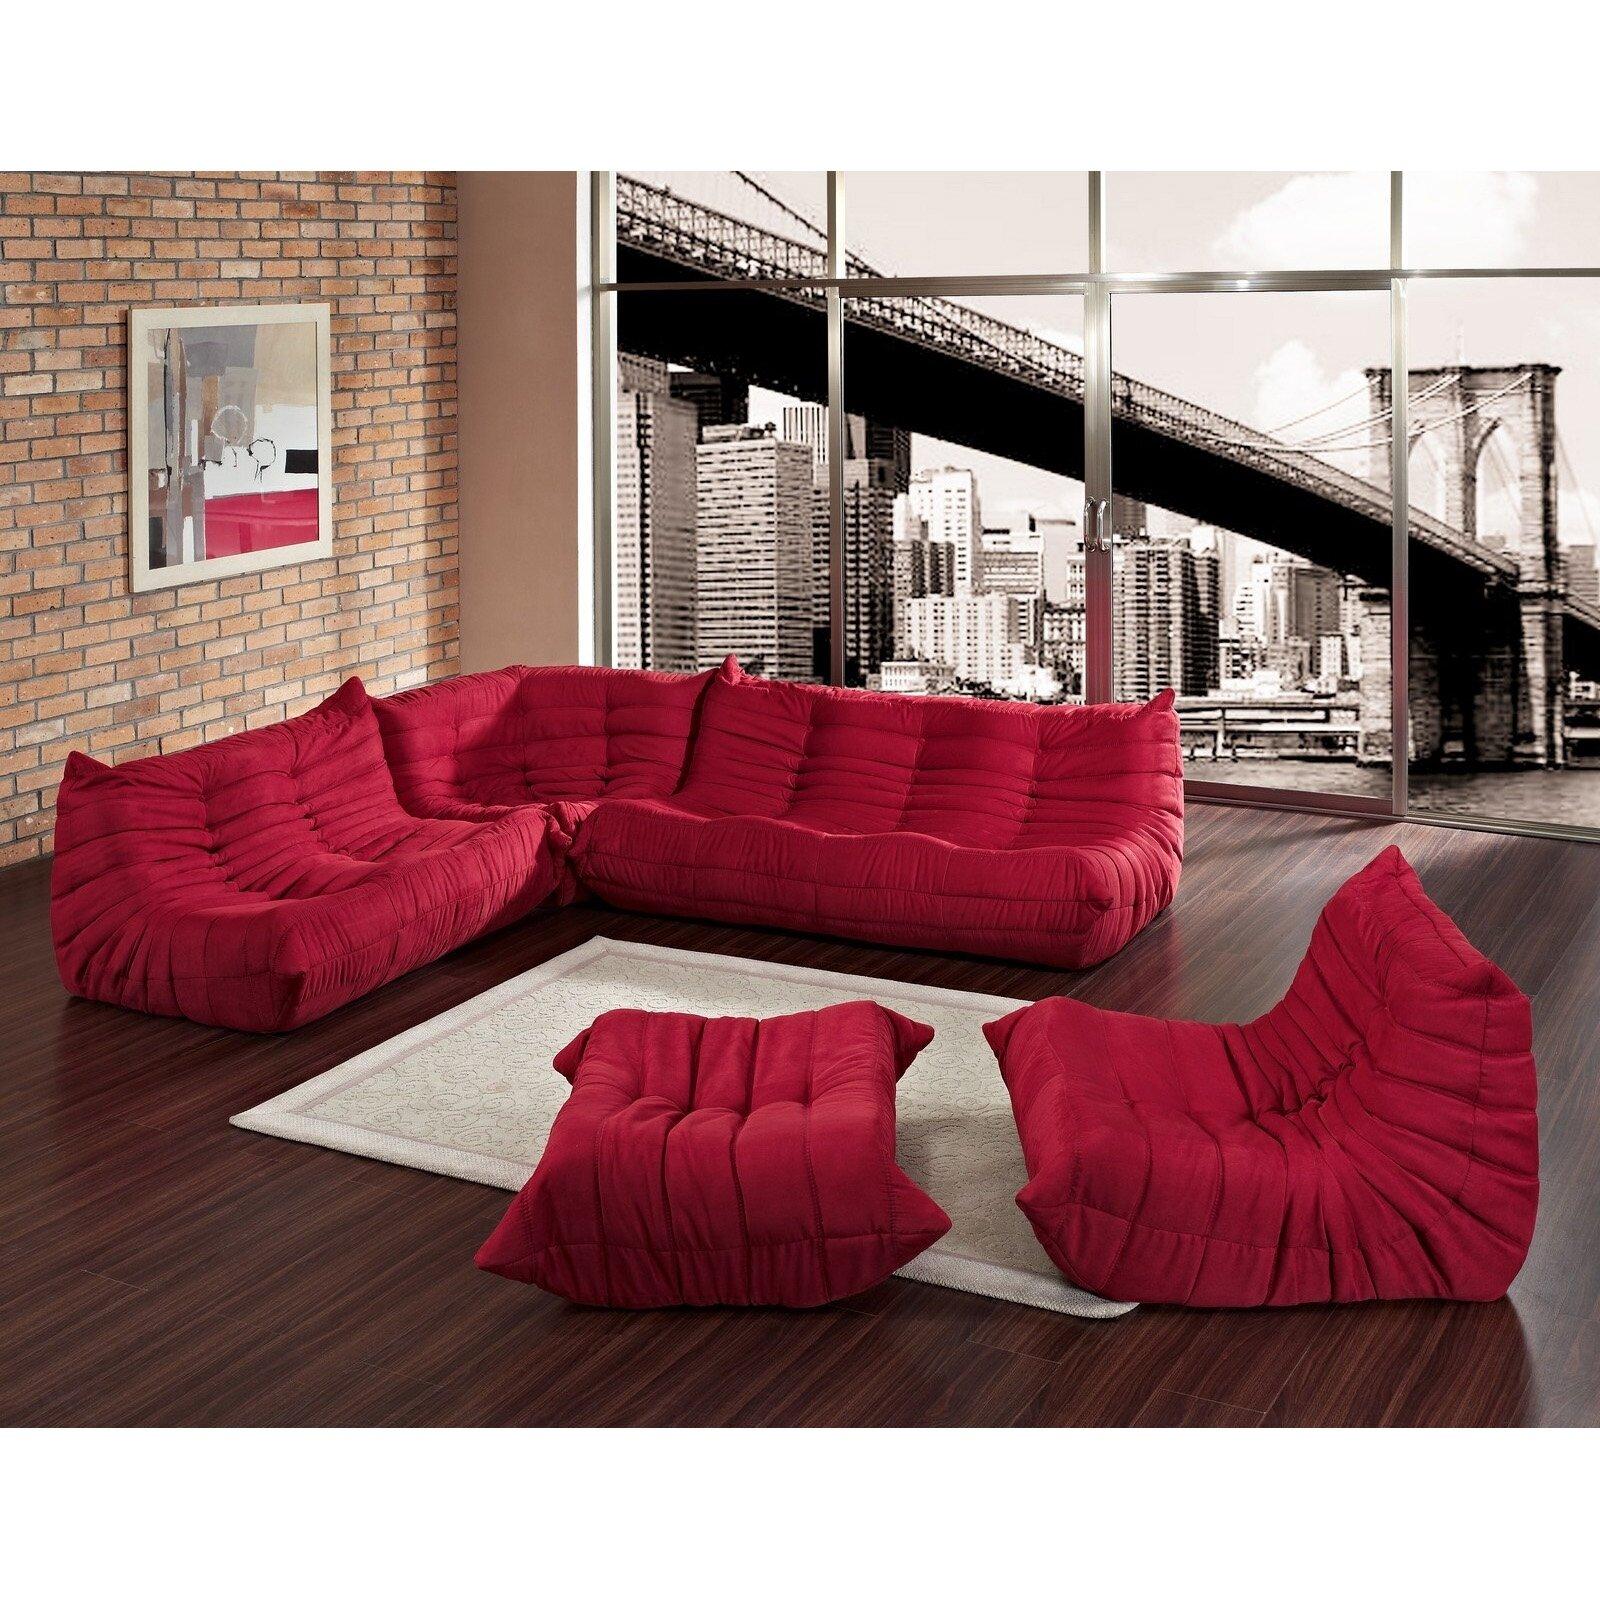 modway deluge sofa set reviews wayfair. Black Bedroom Furniture Sets. Home Design Ideas